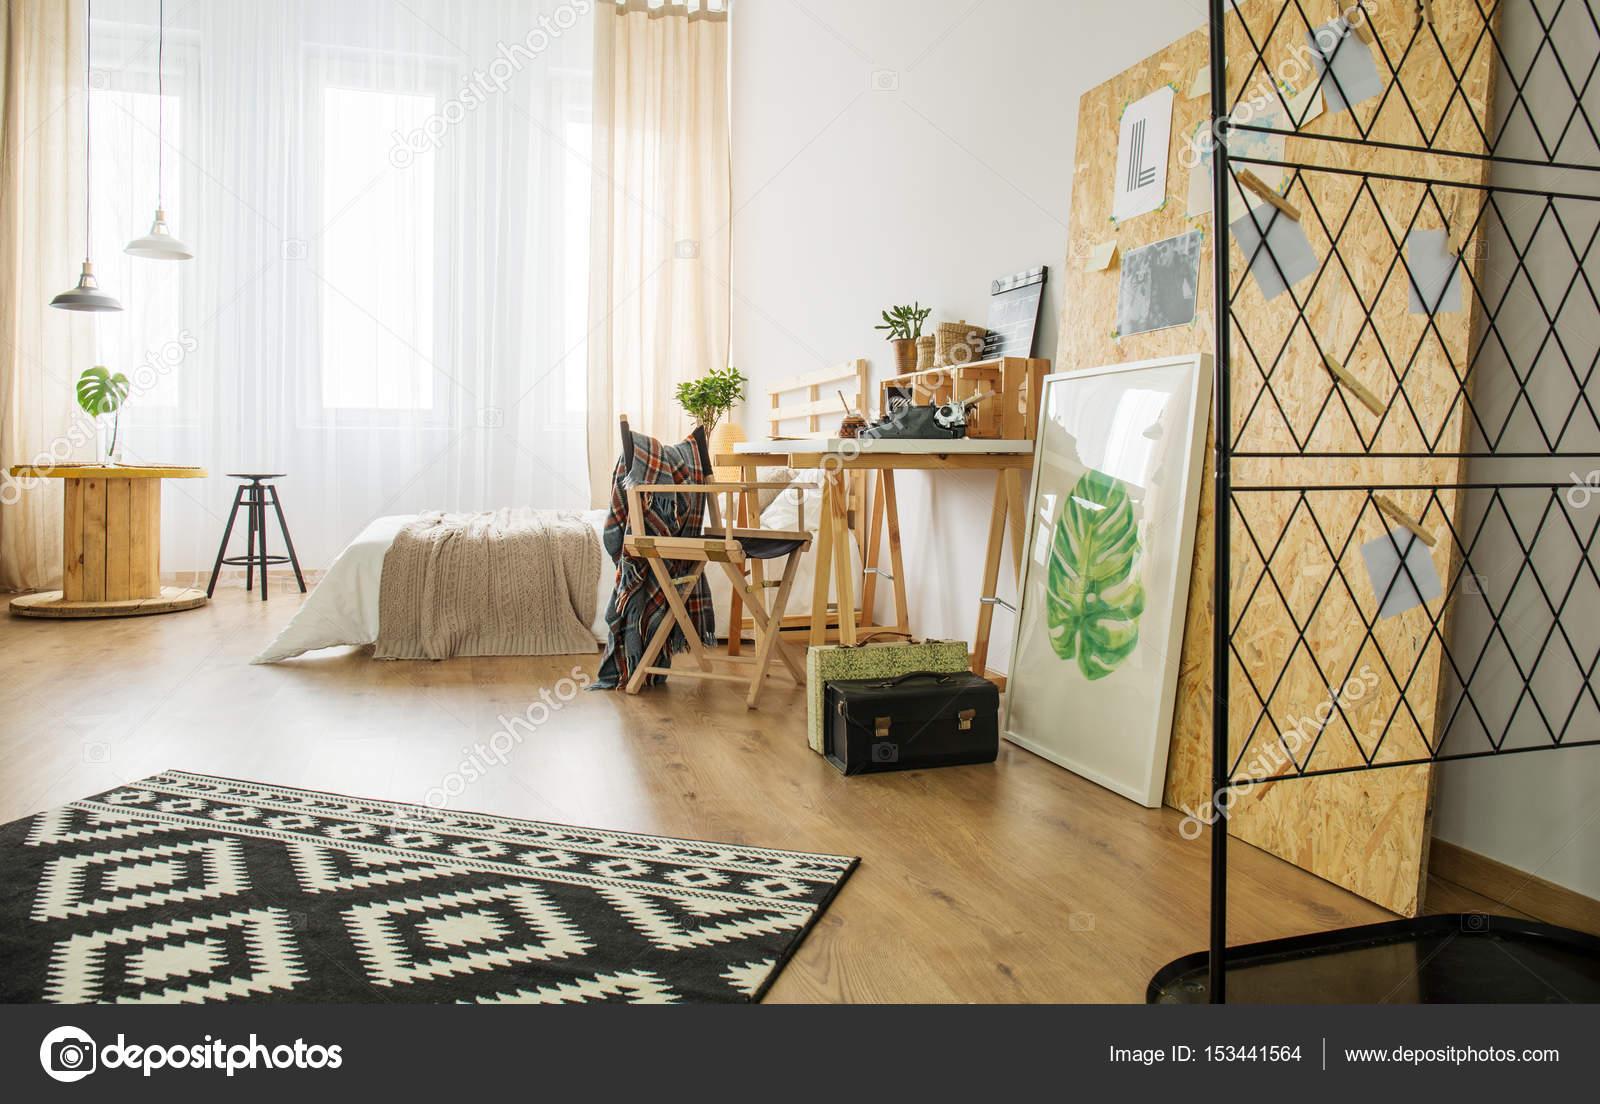 Houten Accessoires Slaapkamer : Ruime slaapkamer met accessoires u stockfoto photographee eu